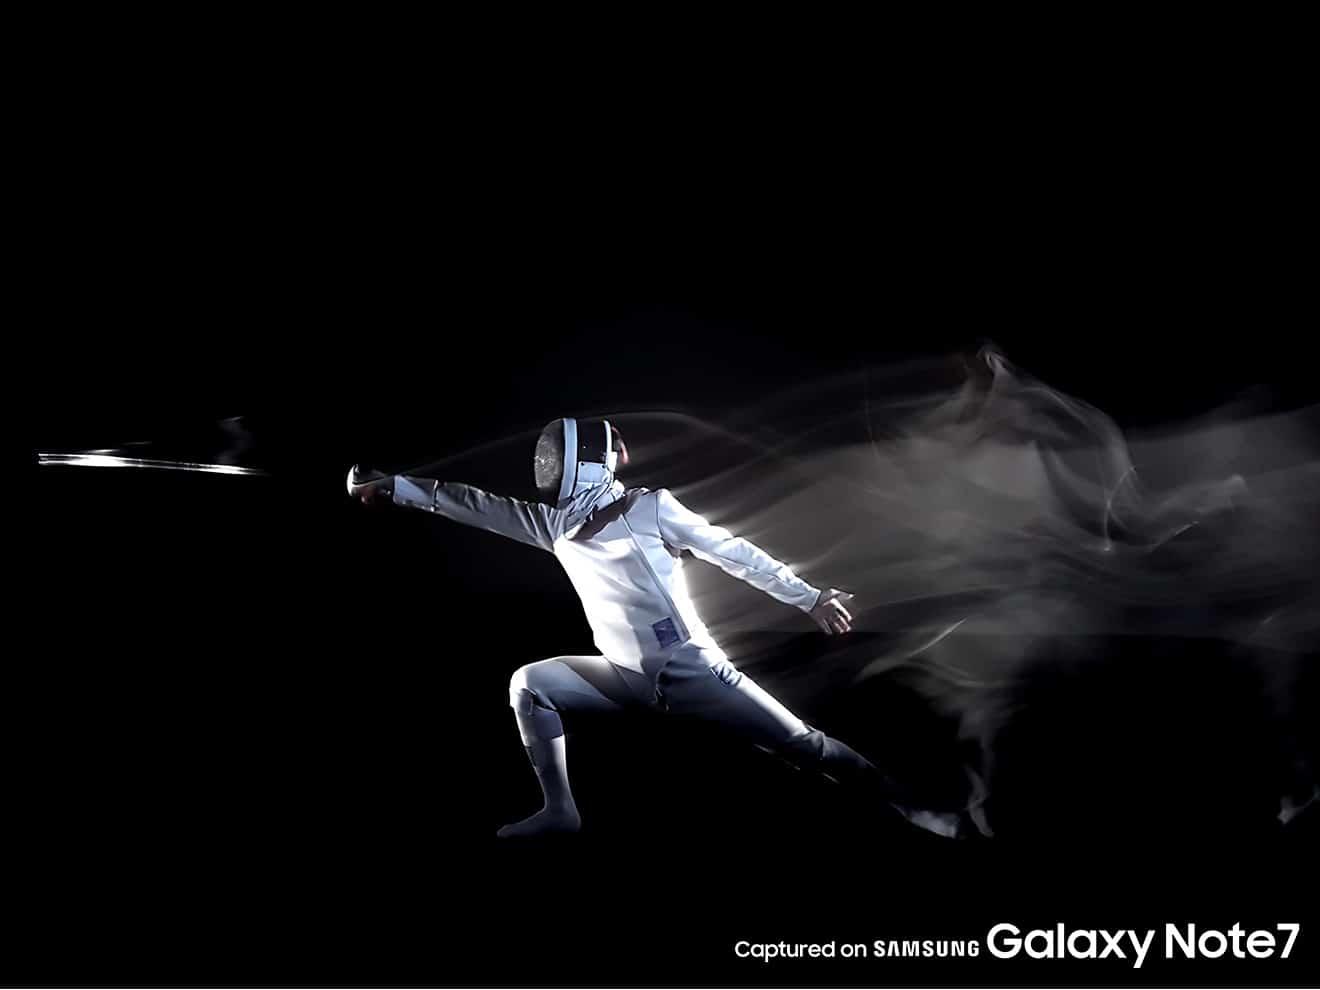 Galaxy Note 7 : des photos magnifiques montrent la puissance de son capteur